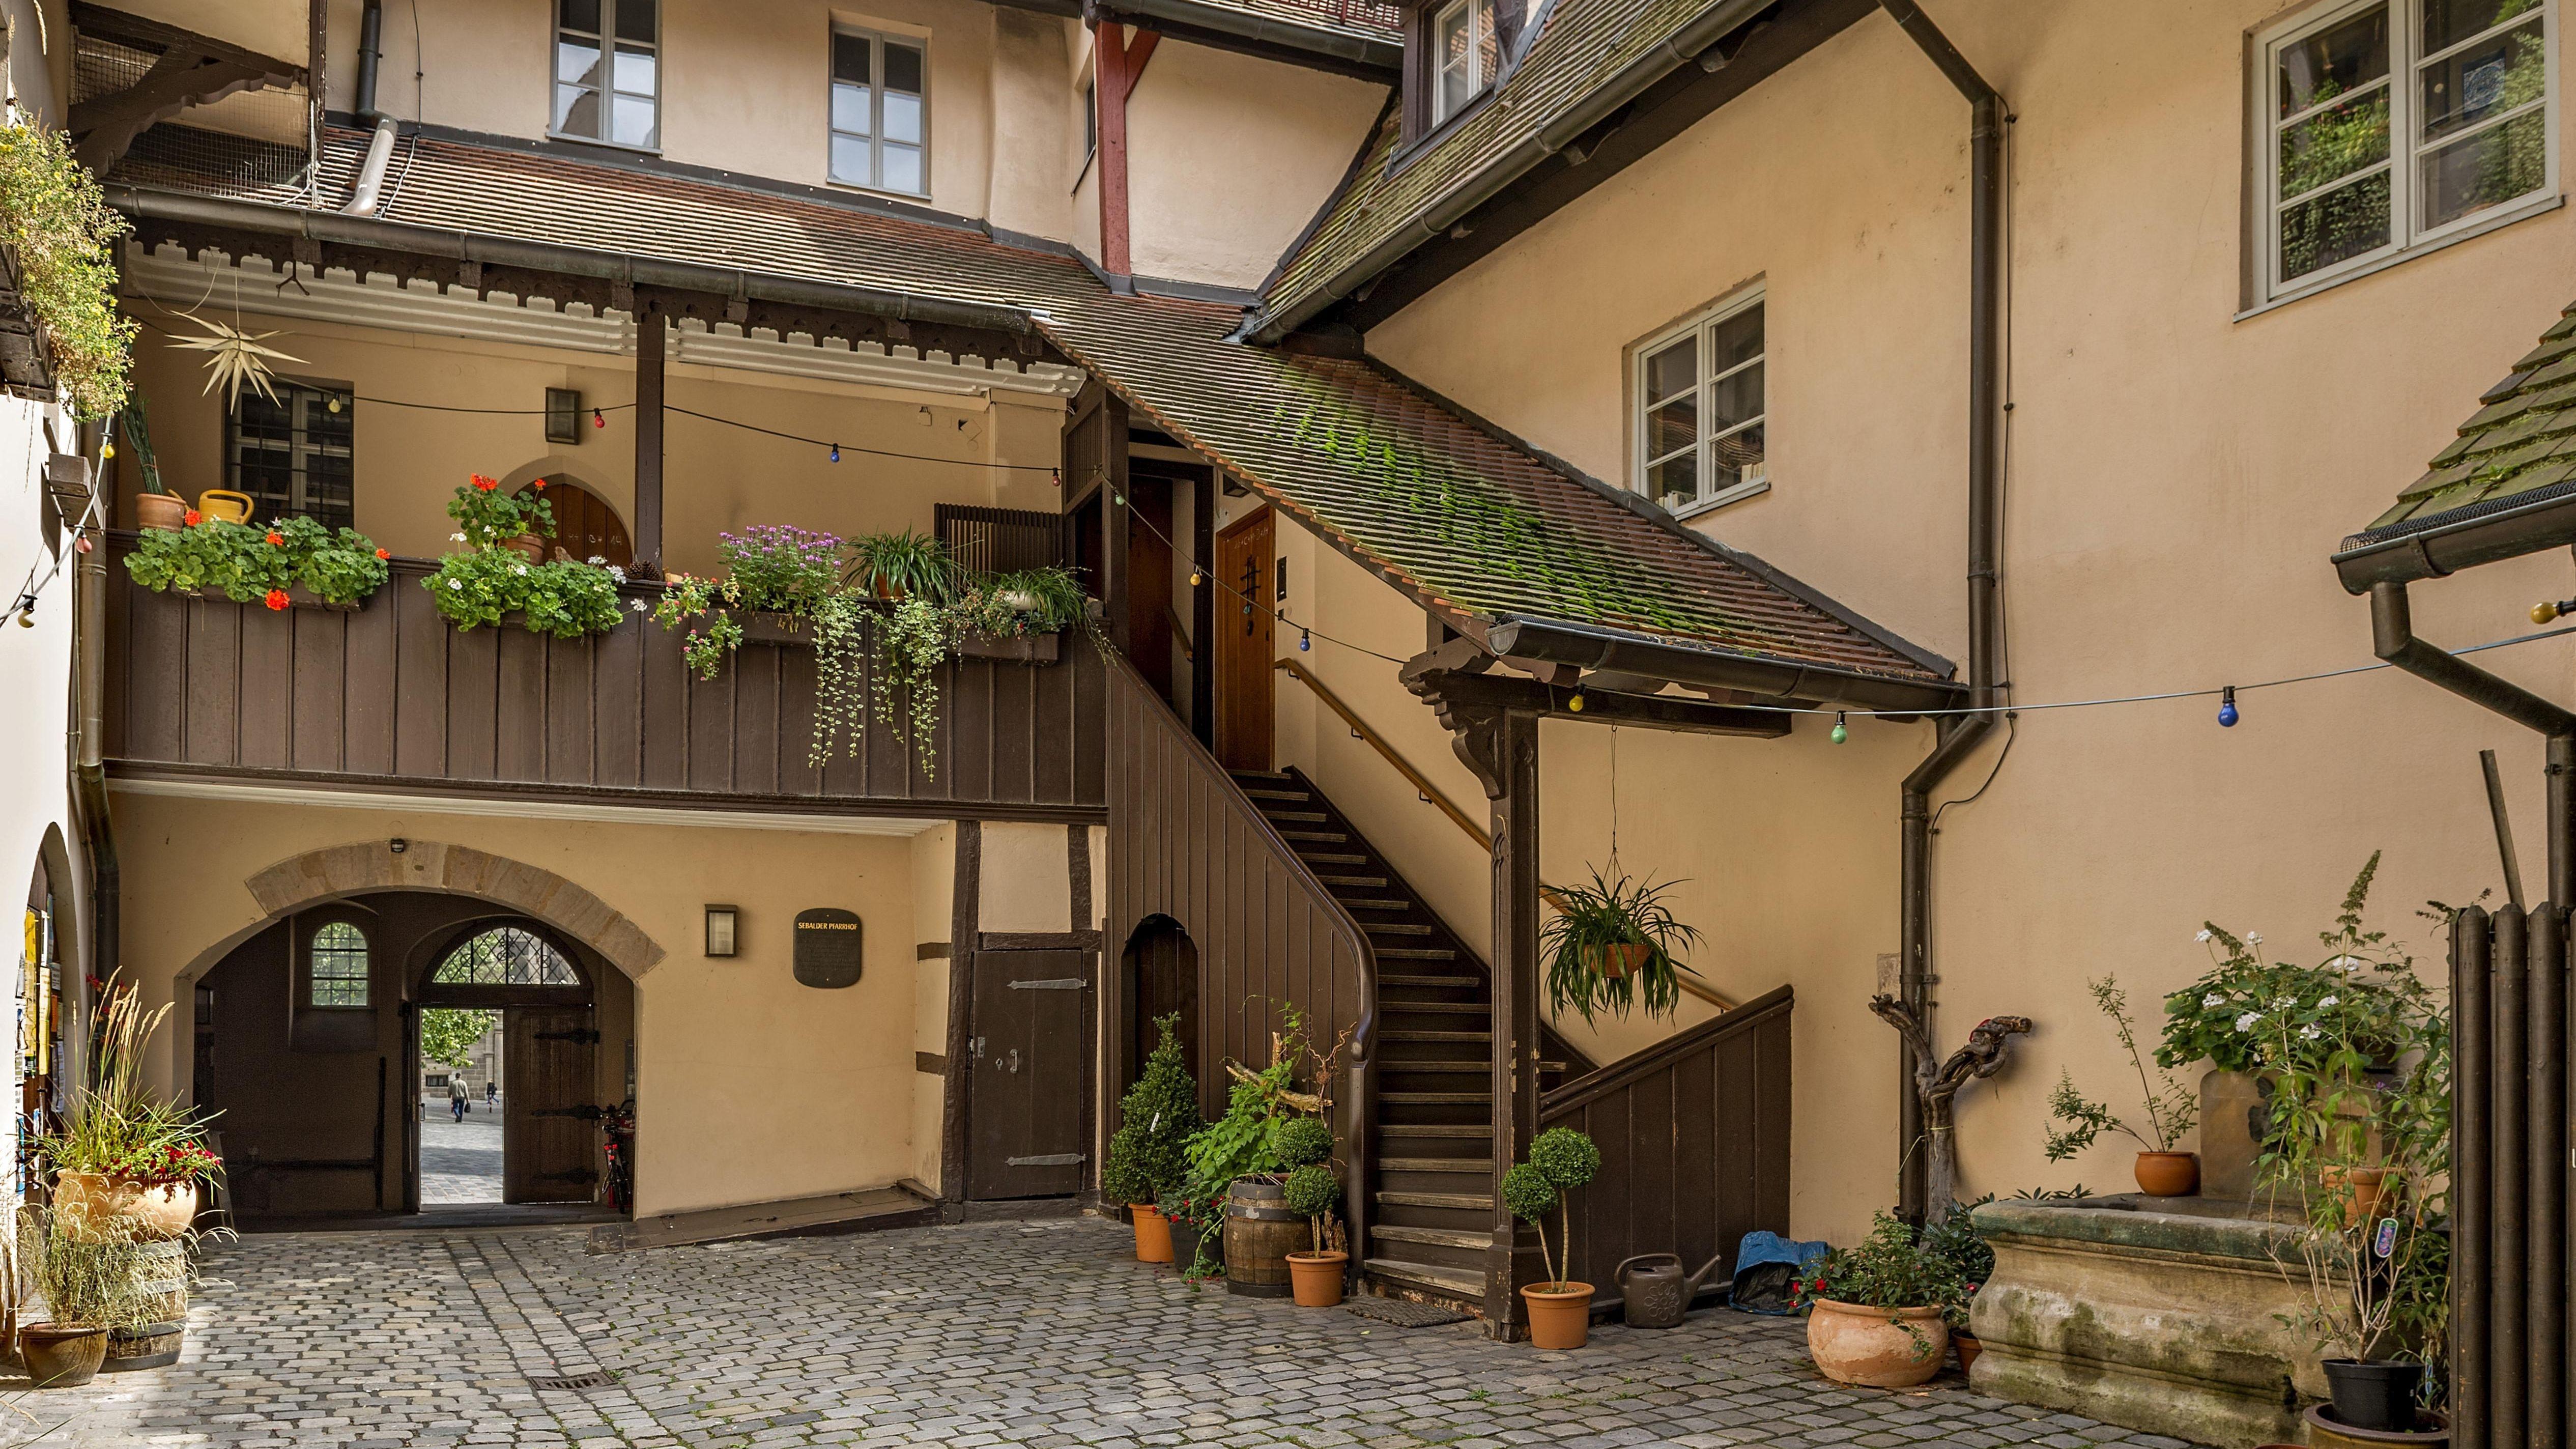 Innenhof vom Sebalder Pfarrhof, Altstadt, Nürnberg